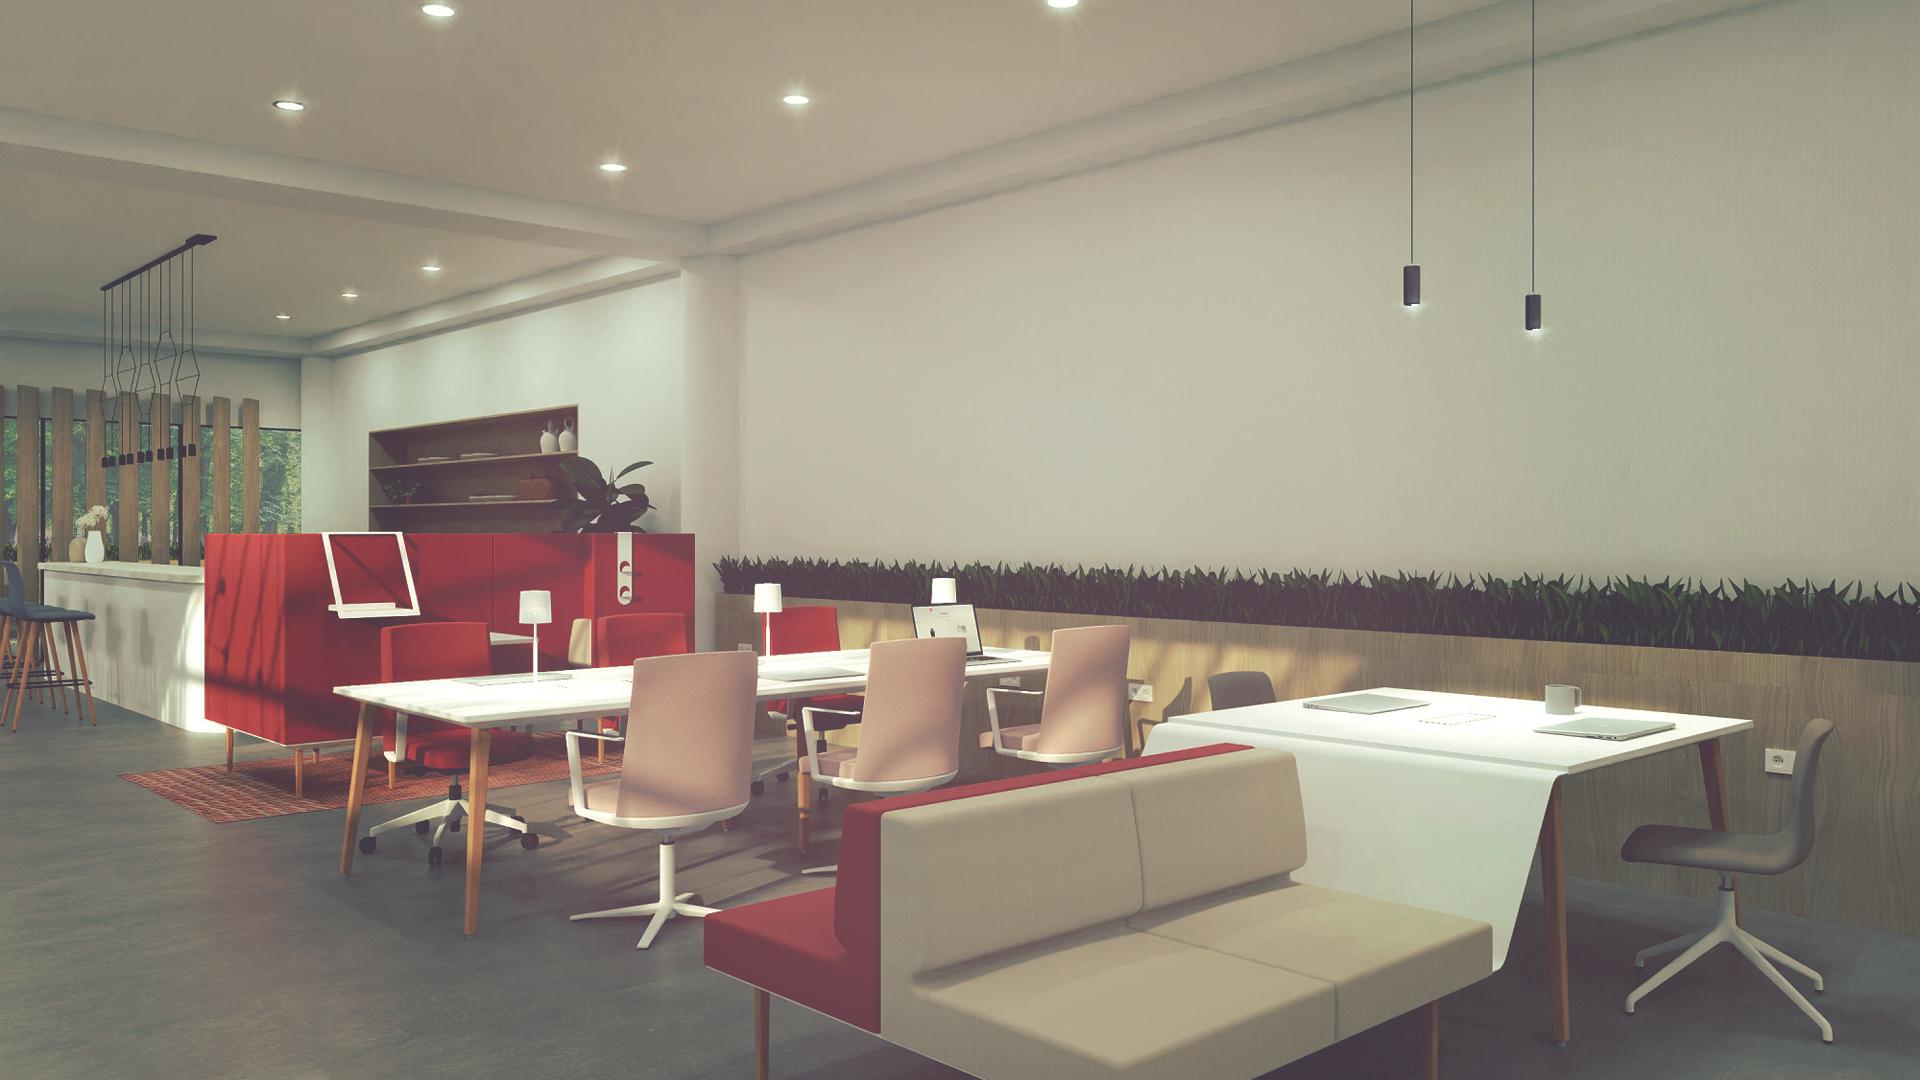 ¿Cómo crear espacios hospitality seguros y funcionales? Recomendaciones de Actiu